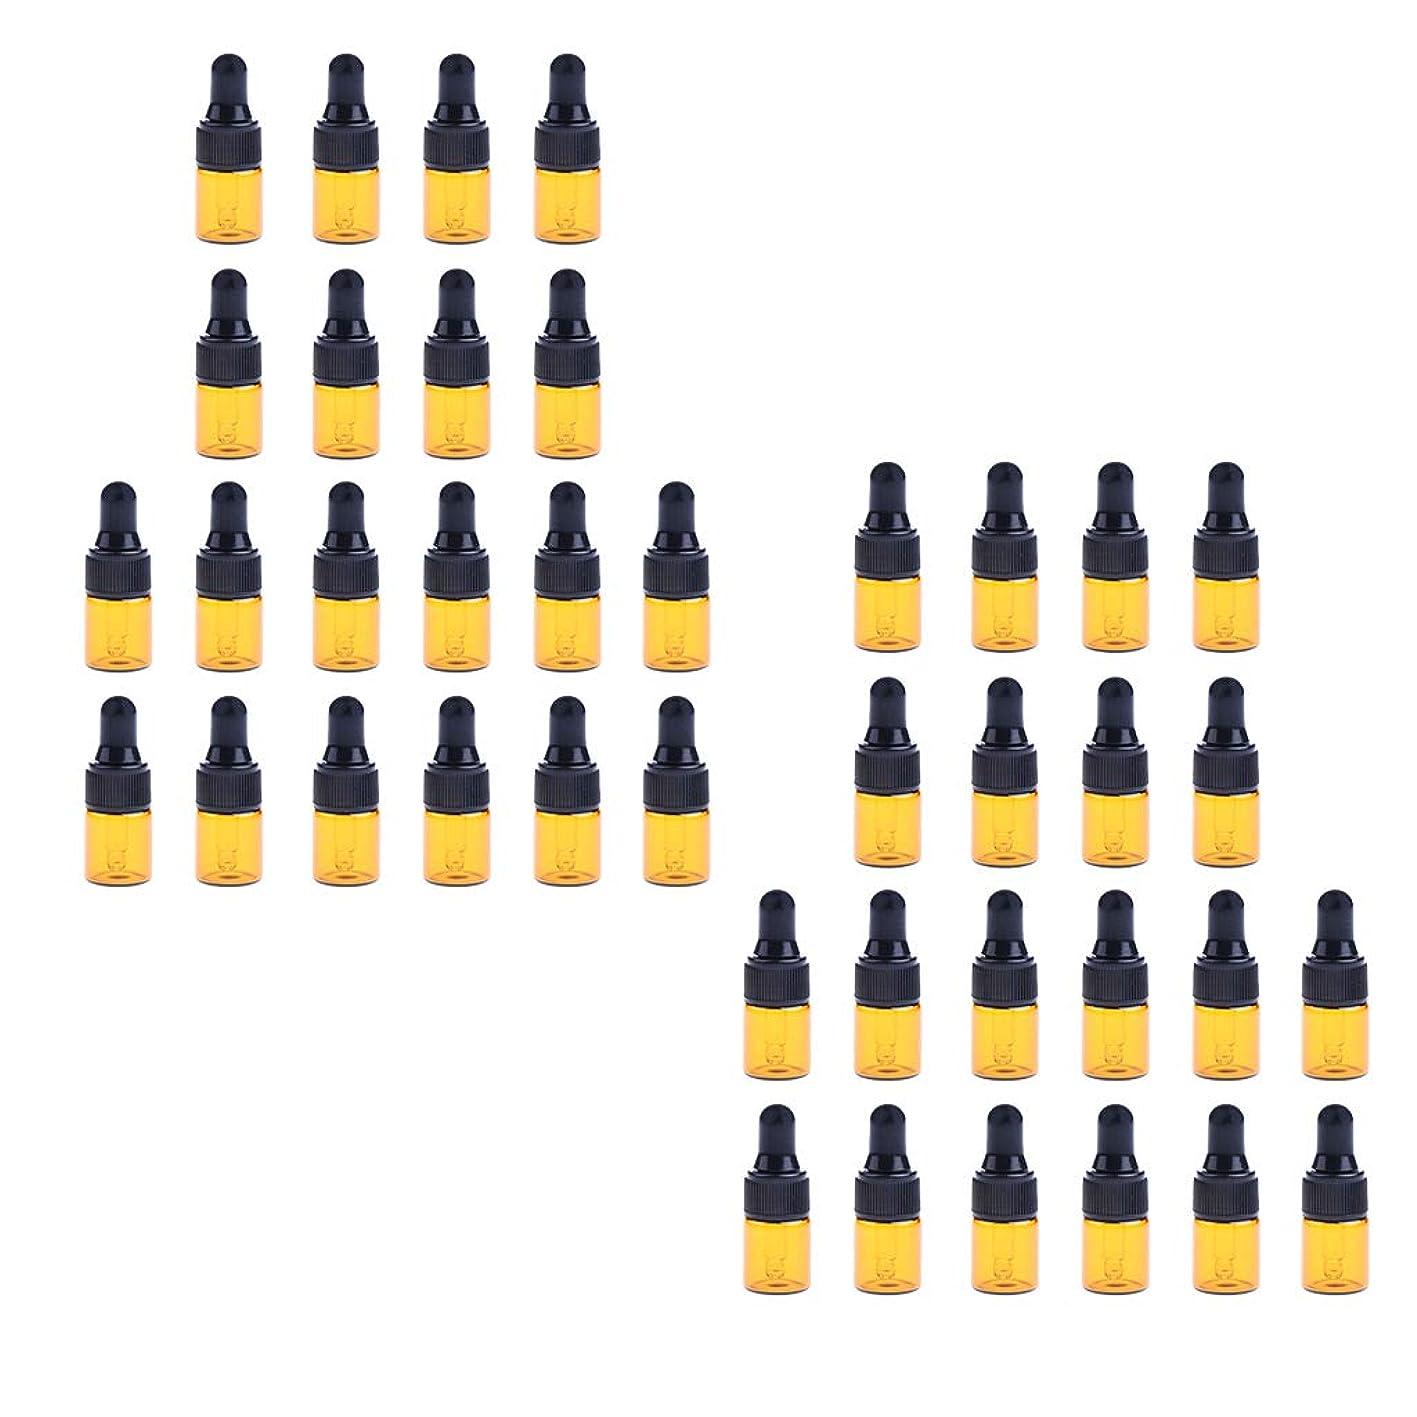 シェフ考えたショッキングHellery ガラス小瓶 ガラス容器ミニボトル ドロッパーボトル 精油 詰め替え可 スポイトボトル 保存容器 40個